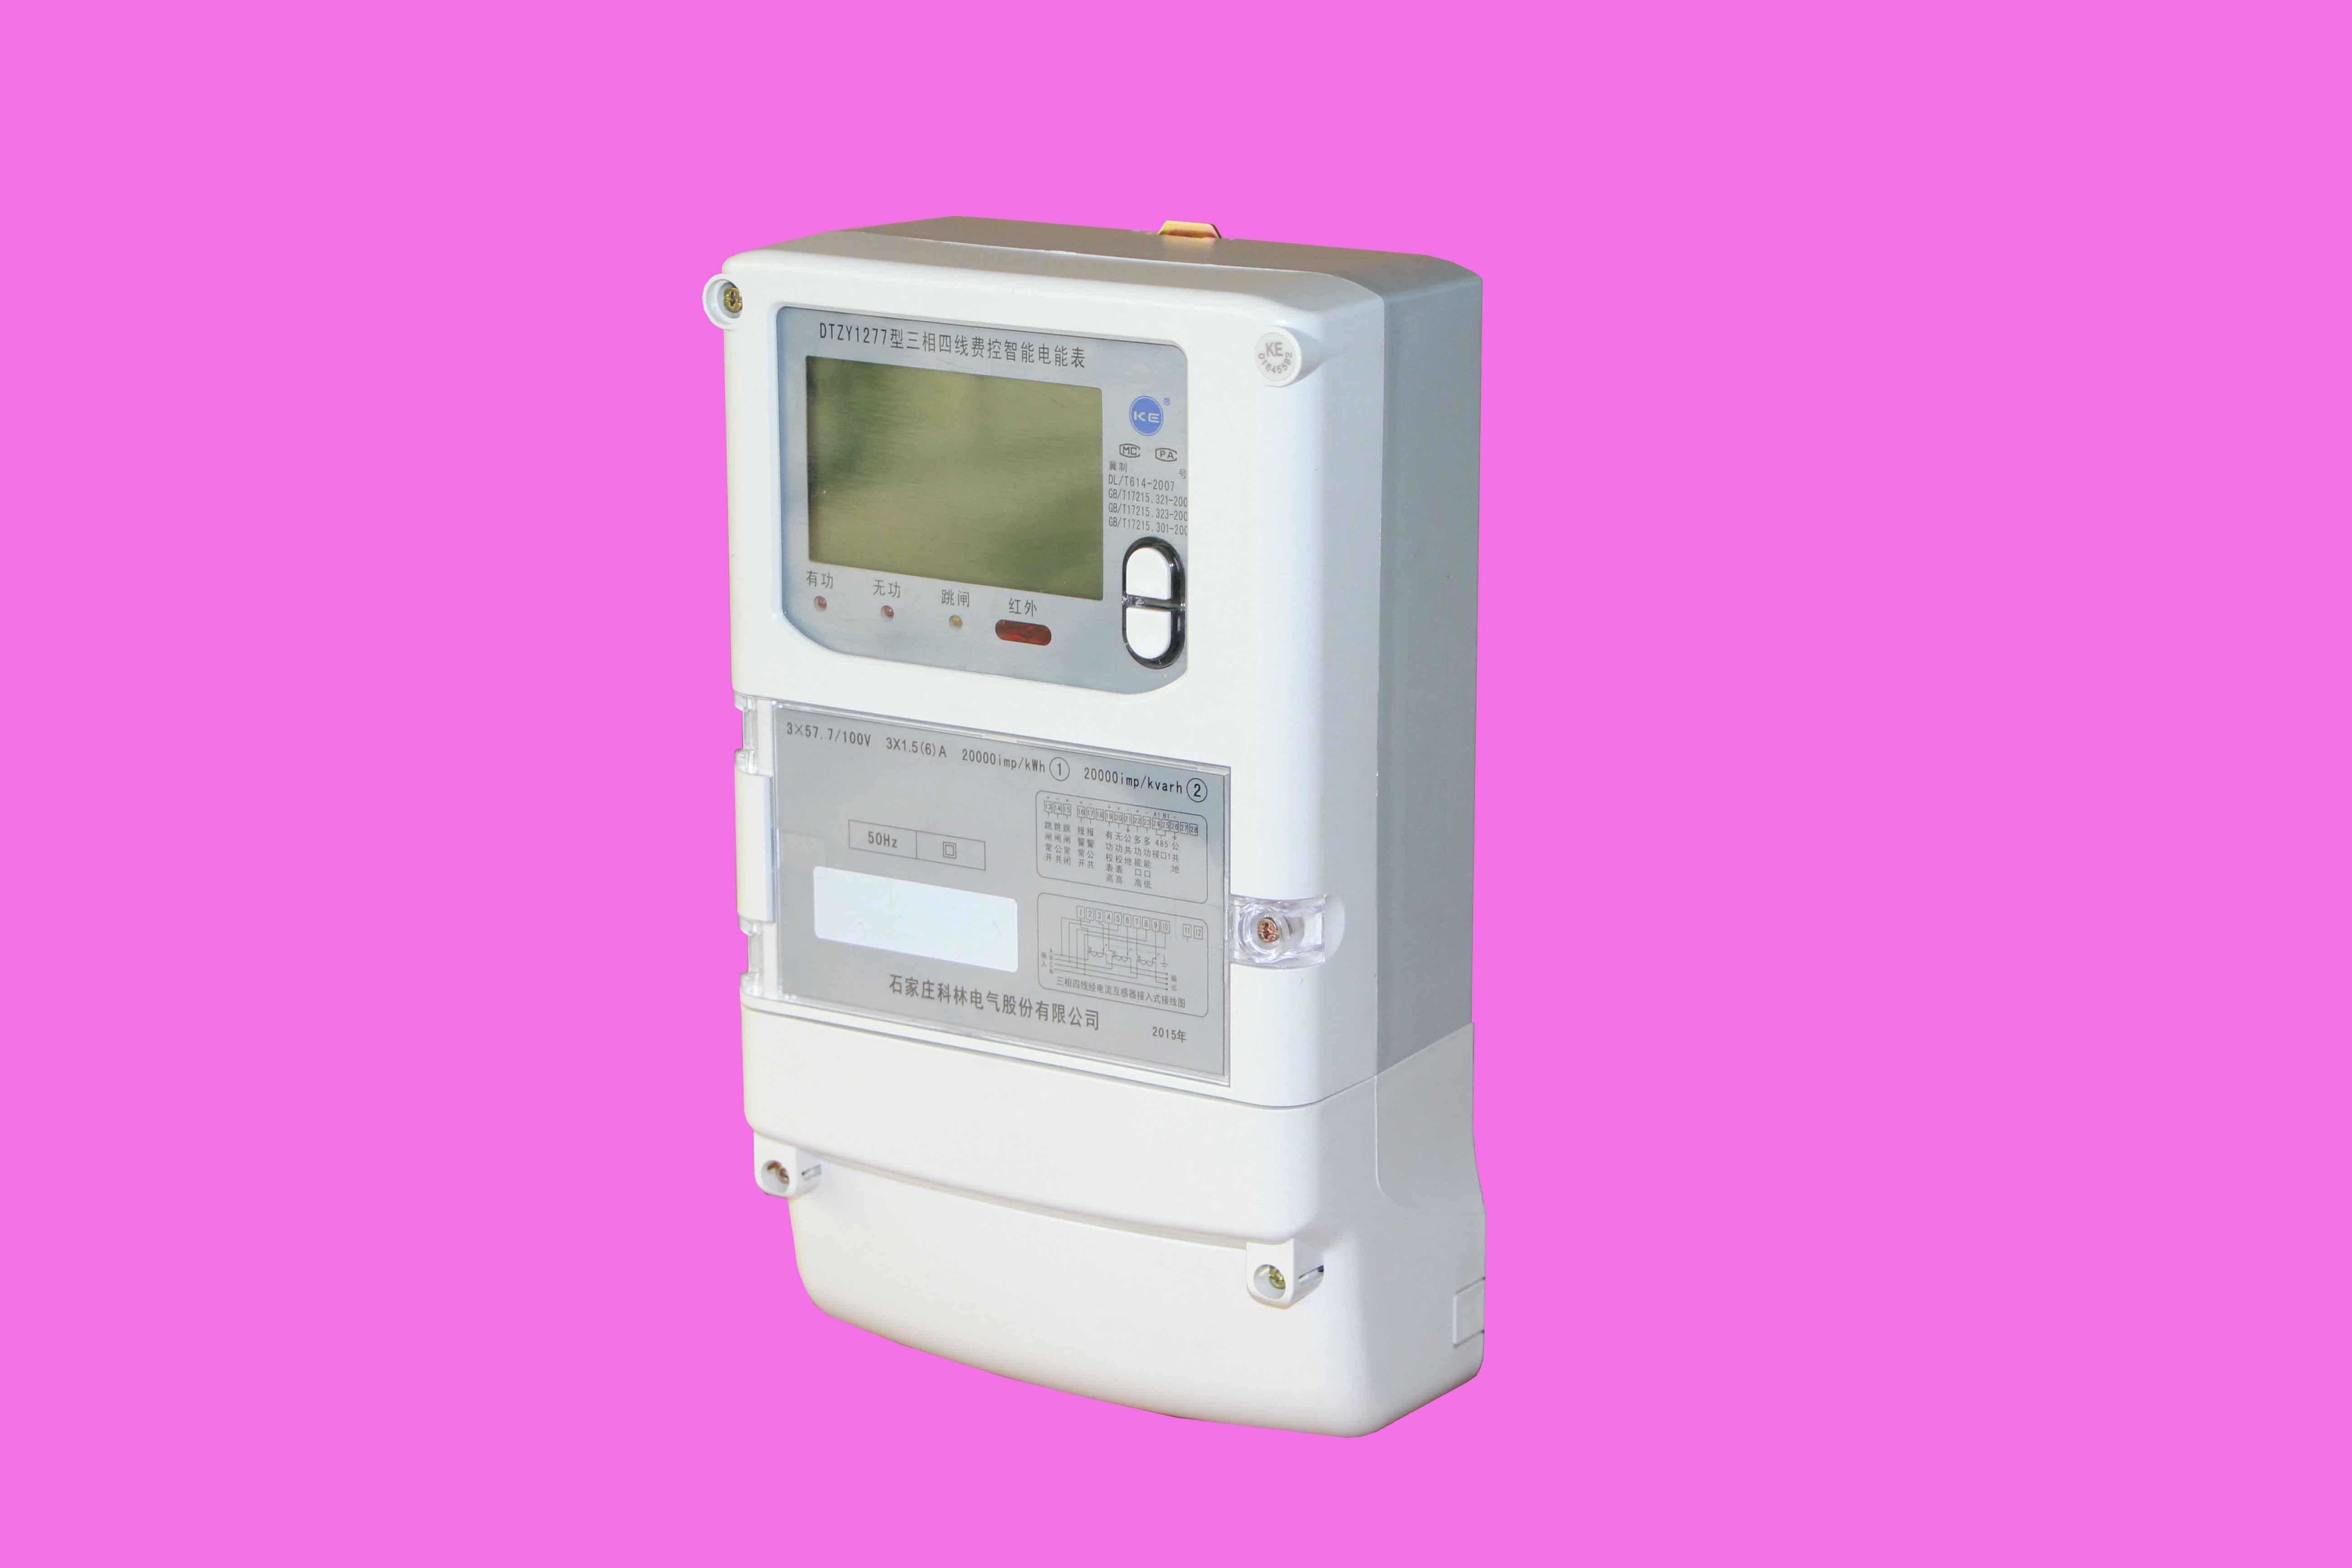 【产品名称】 DTZY1277型三相四线费控智能电能表 【产品概述】 DTZY1277型三相四线费控智能电能表主要应用于0.4Kv配变、台变关口计量和各类企事业单位及一般工商业用户的各种电力数据测量和计量,适用于通过RS485方式组网实现远程抄表、远程费控的居民用户。